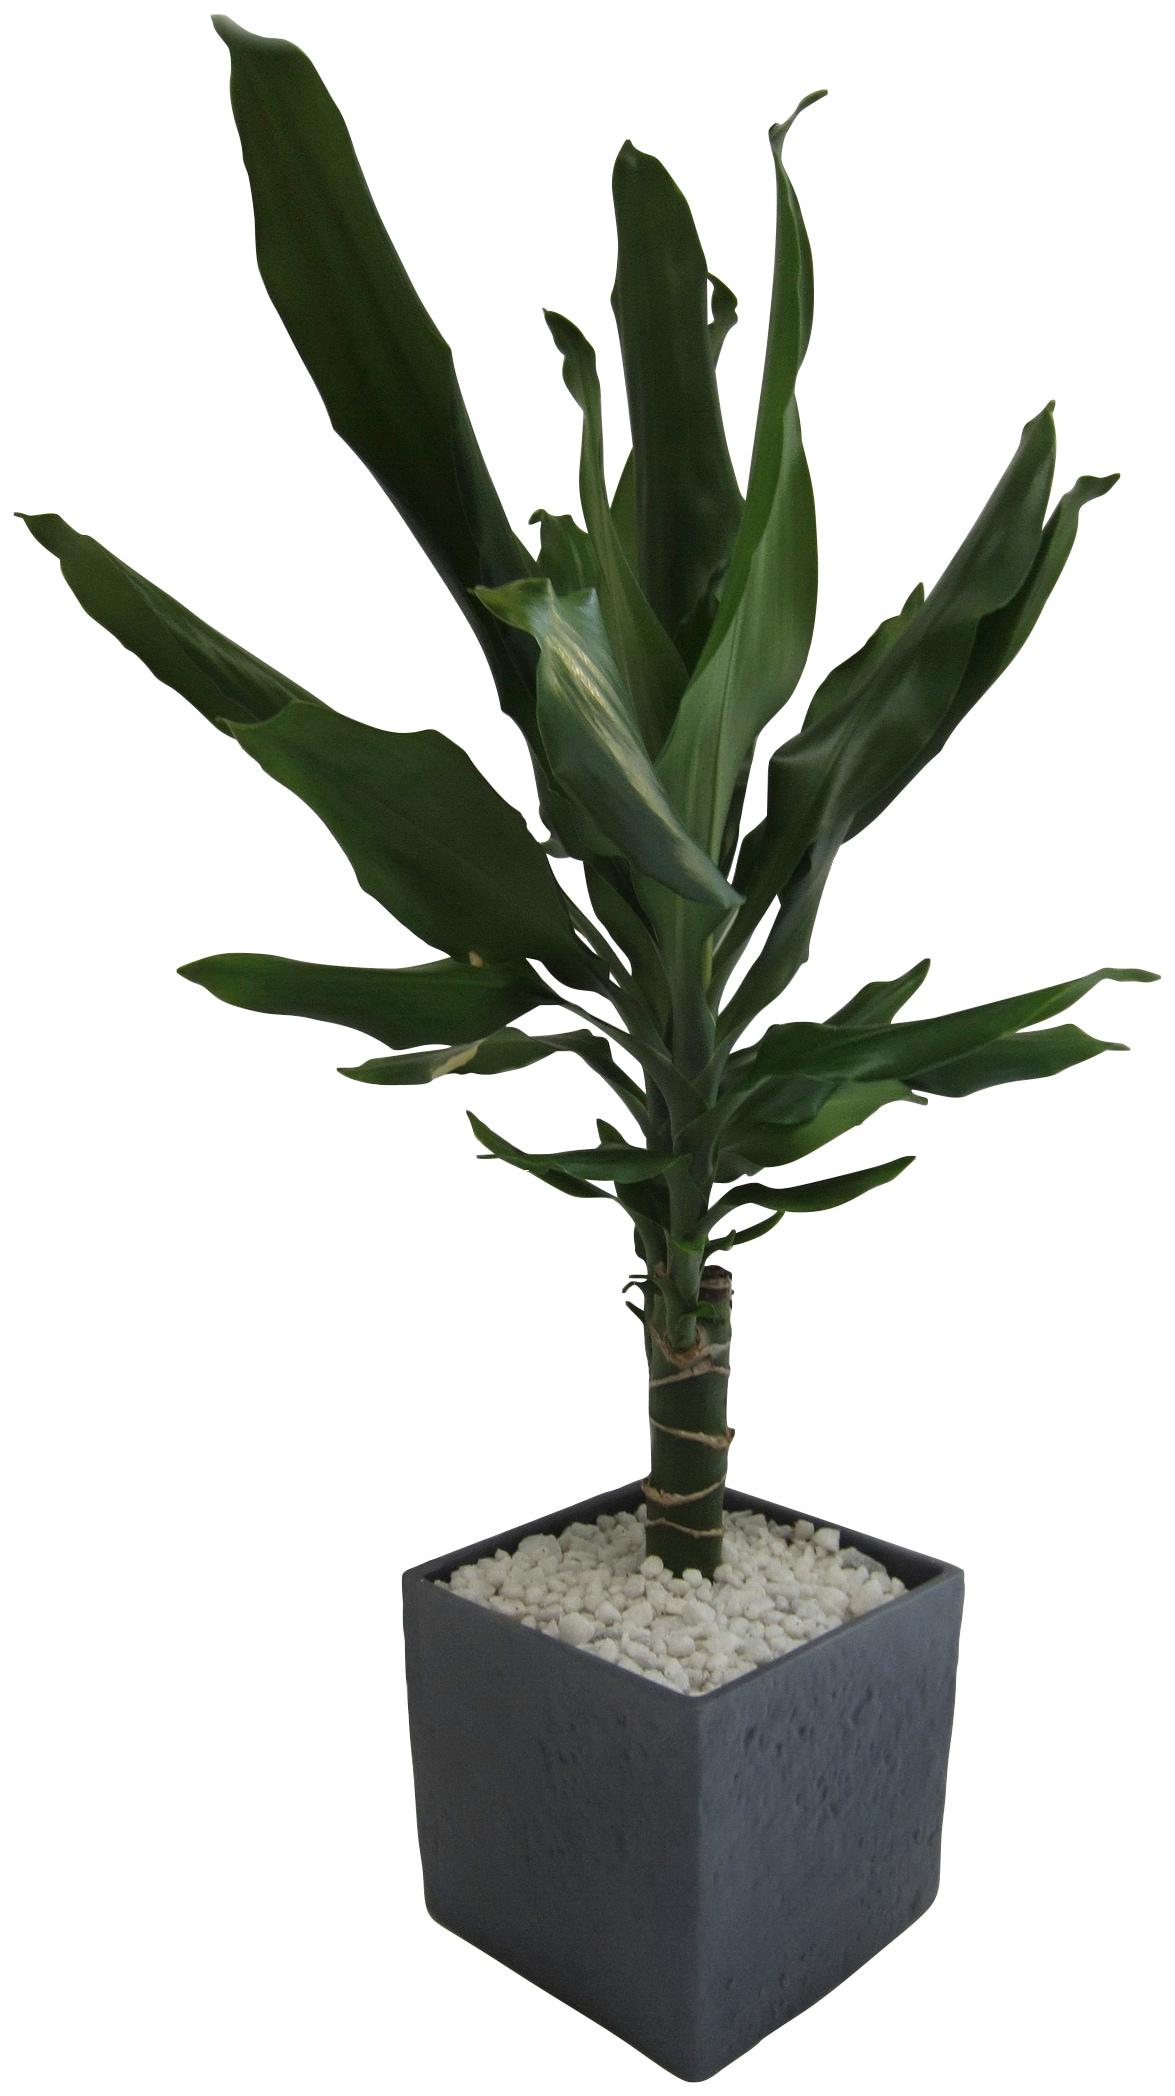 Dominik Zimmerpflanze Drazene, Höhe: 30 cm, 1 Pflanze im Dekotopf grün Pflanzen Garten Balkon